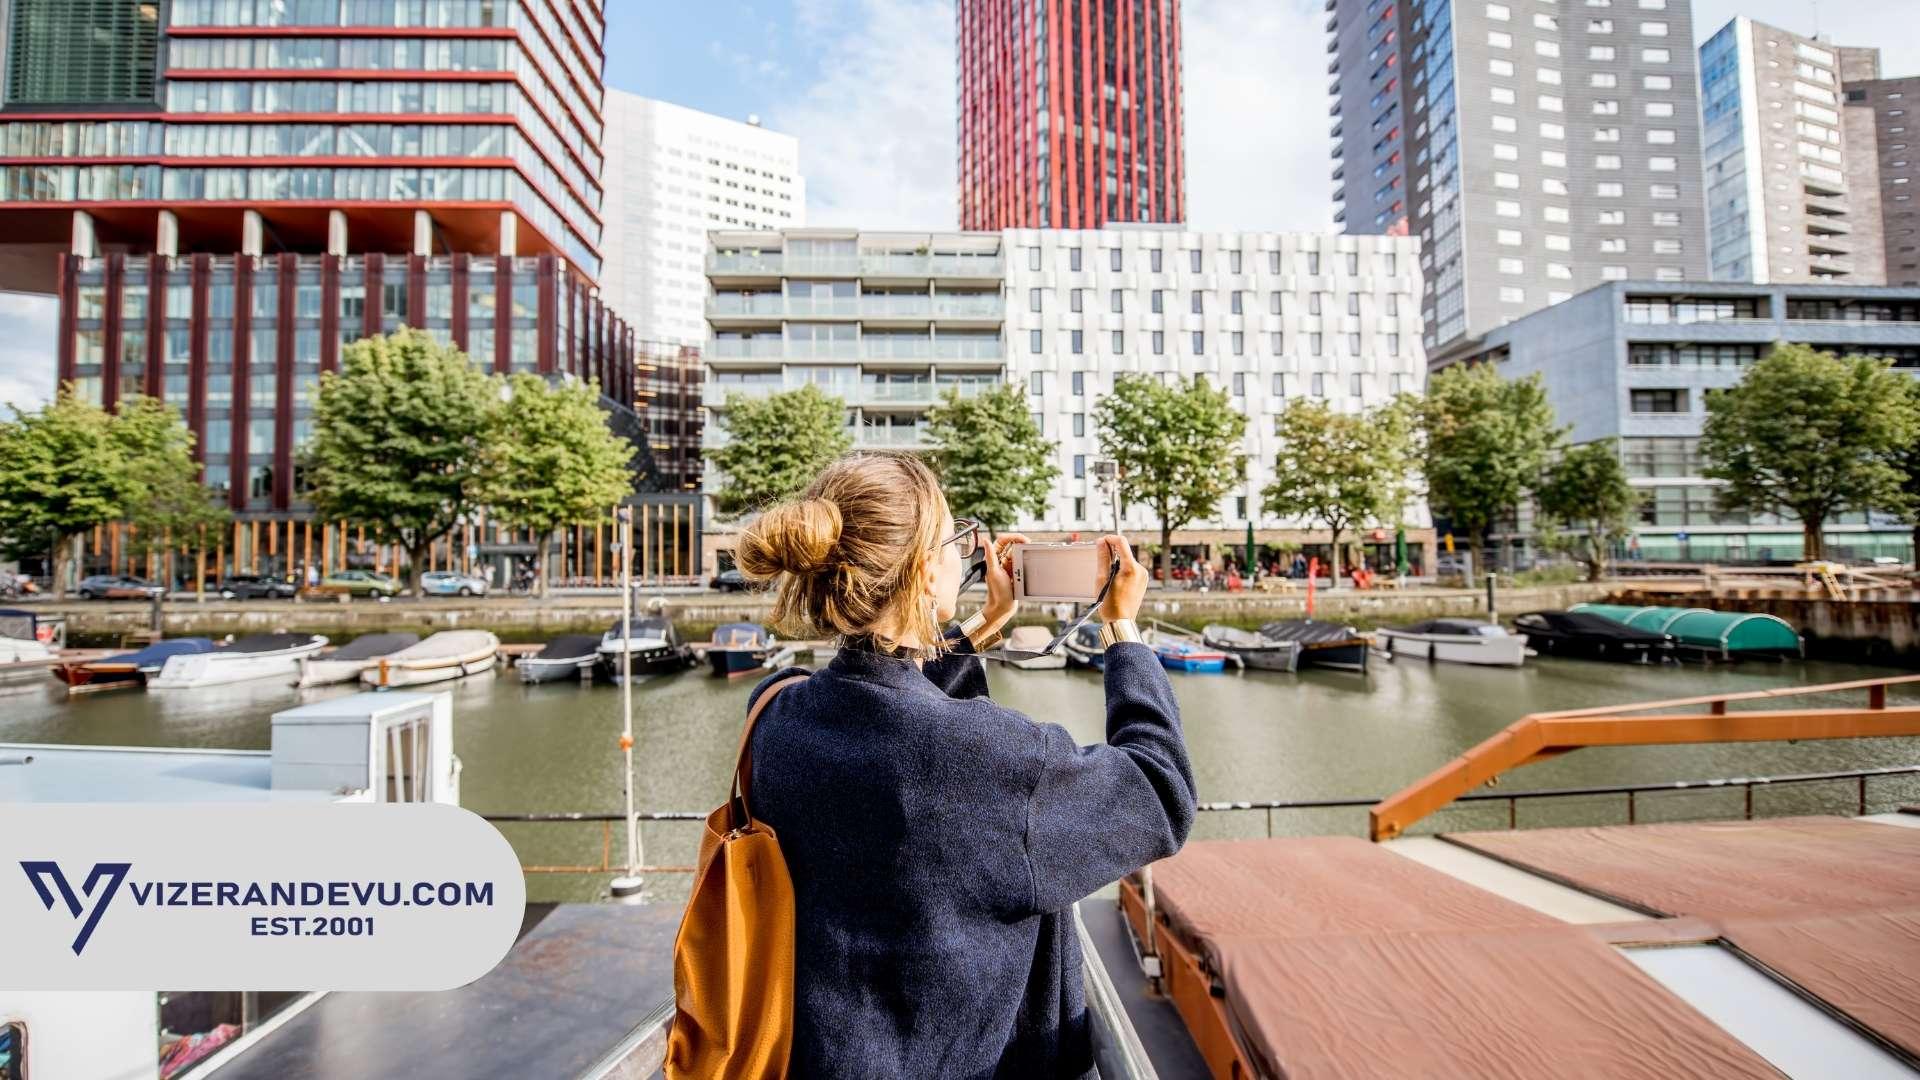 Hollanda Her Vize İçin Gerekli Evraklar Listeleri